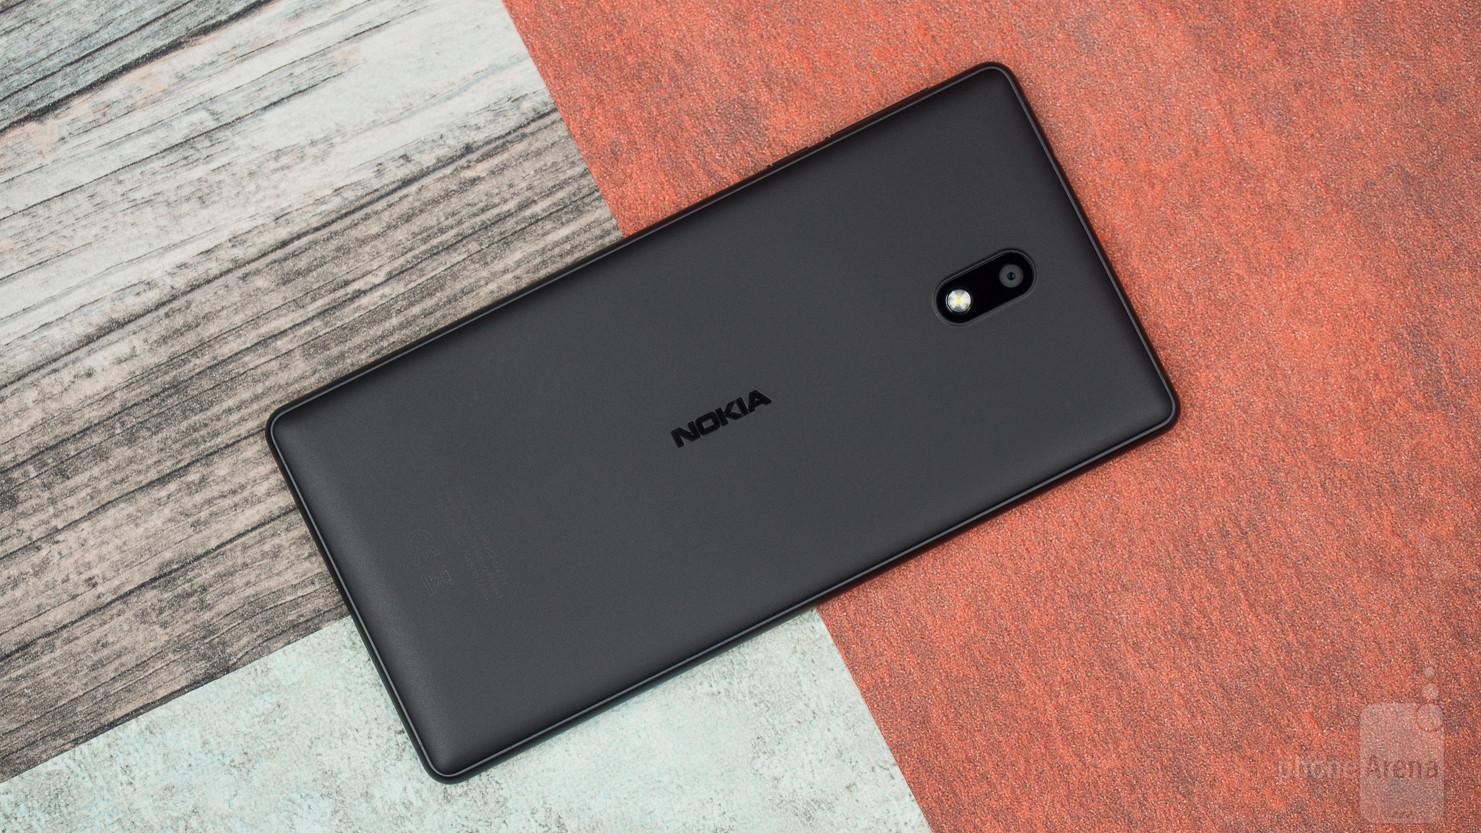 https://i-cdn.phonearena.com/images/reviews/208395-image/Nokia-3-Review-050-des.jpg